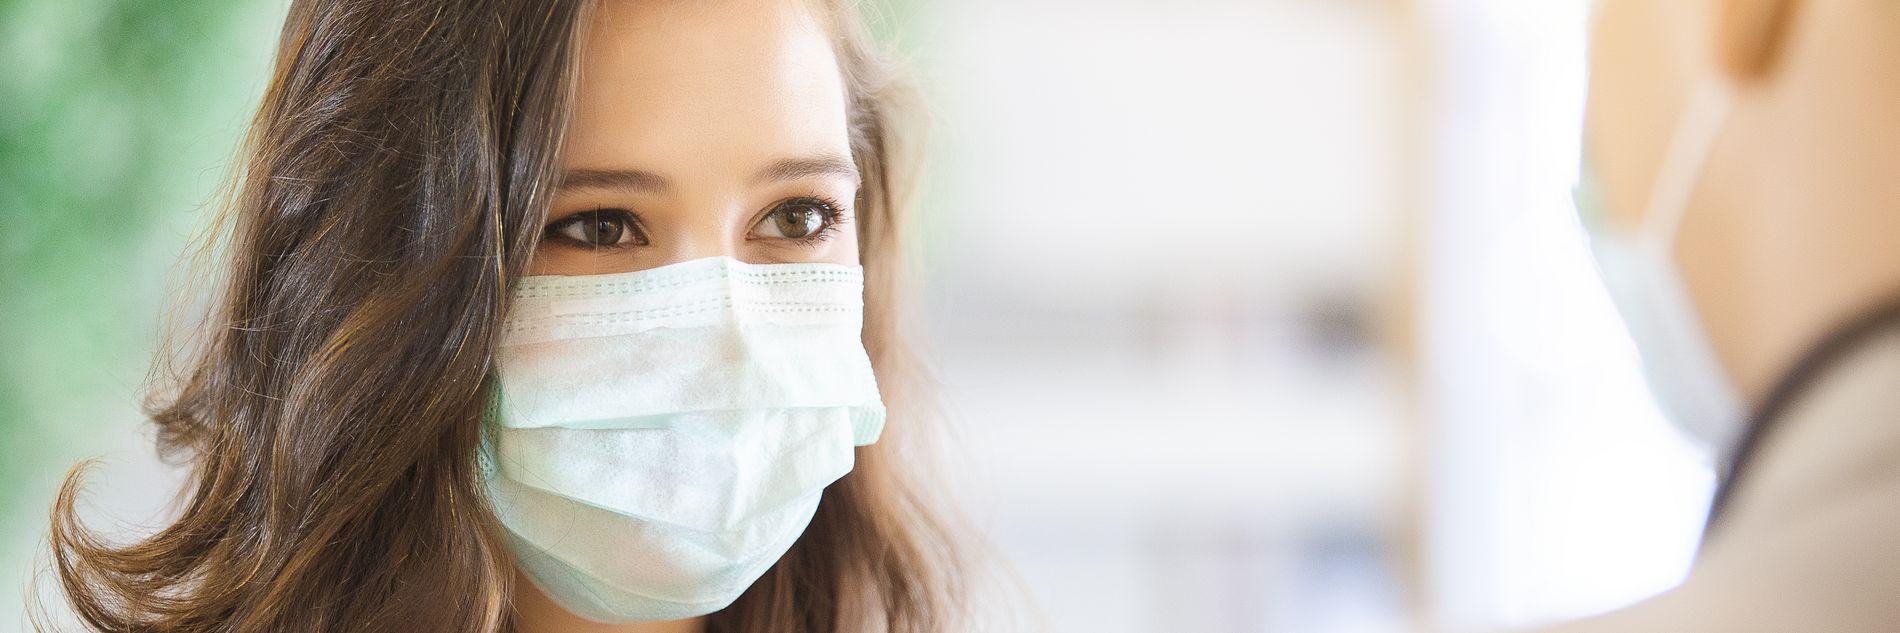 Ärztin mit Mund-Nasenmaske